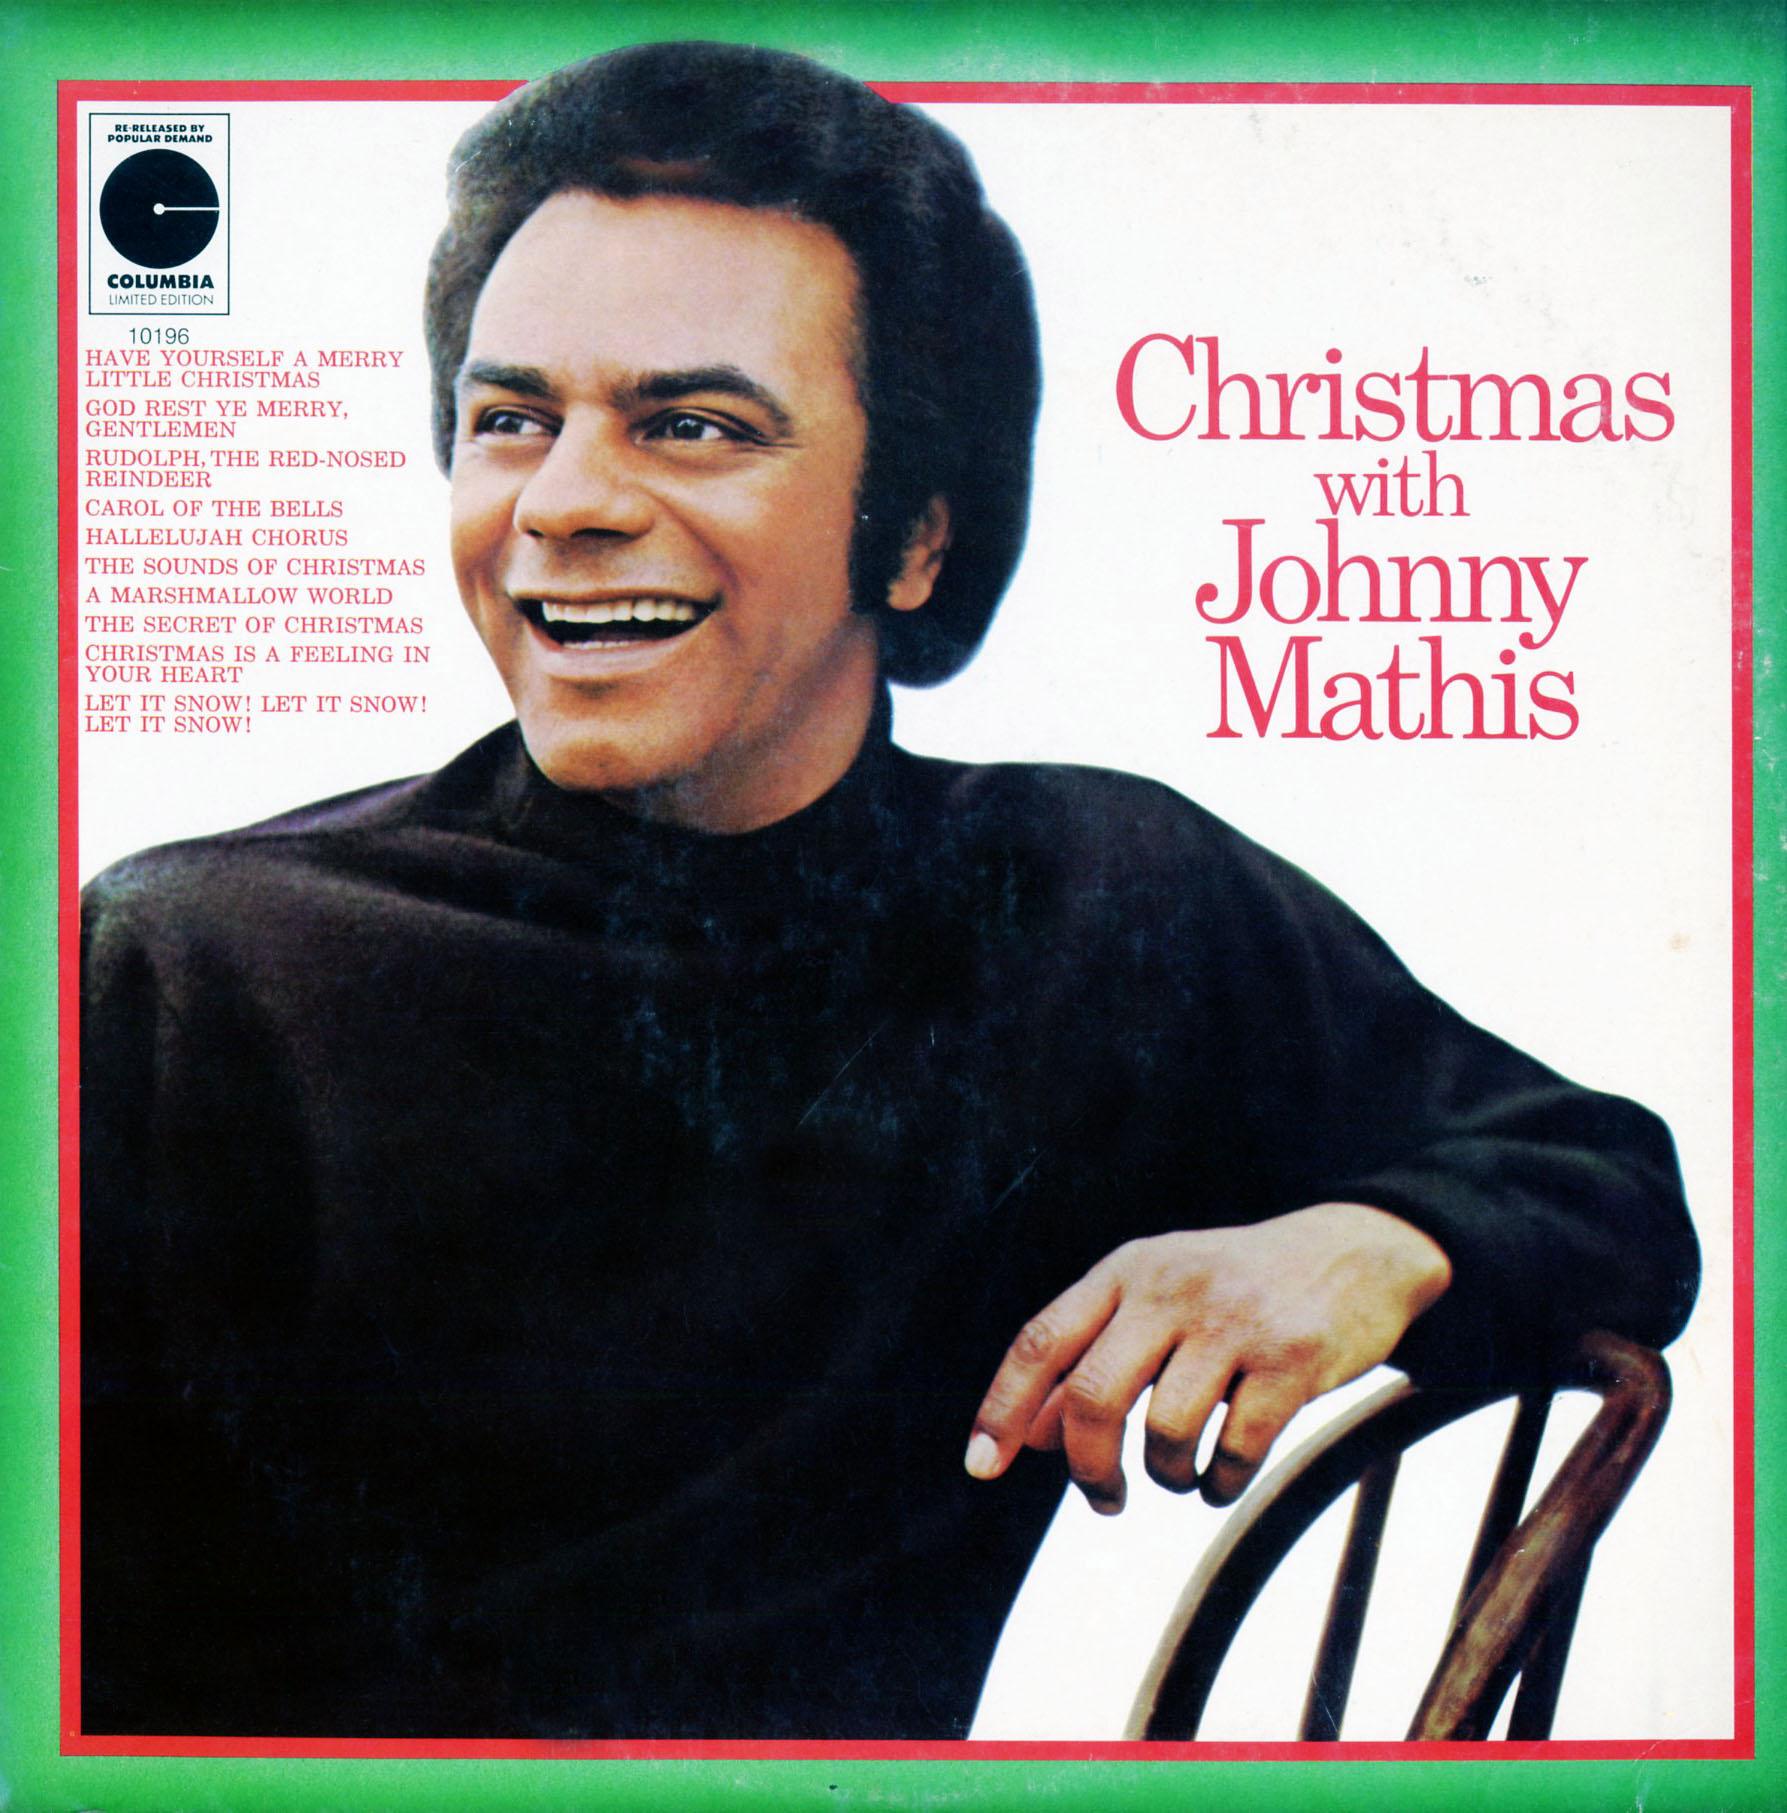 Mathis, Johnny. Christmas with (SR60837, MG20837) - Christmas Vinyl ...